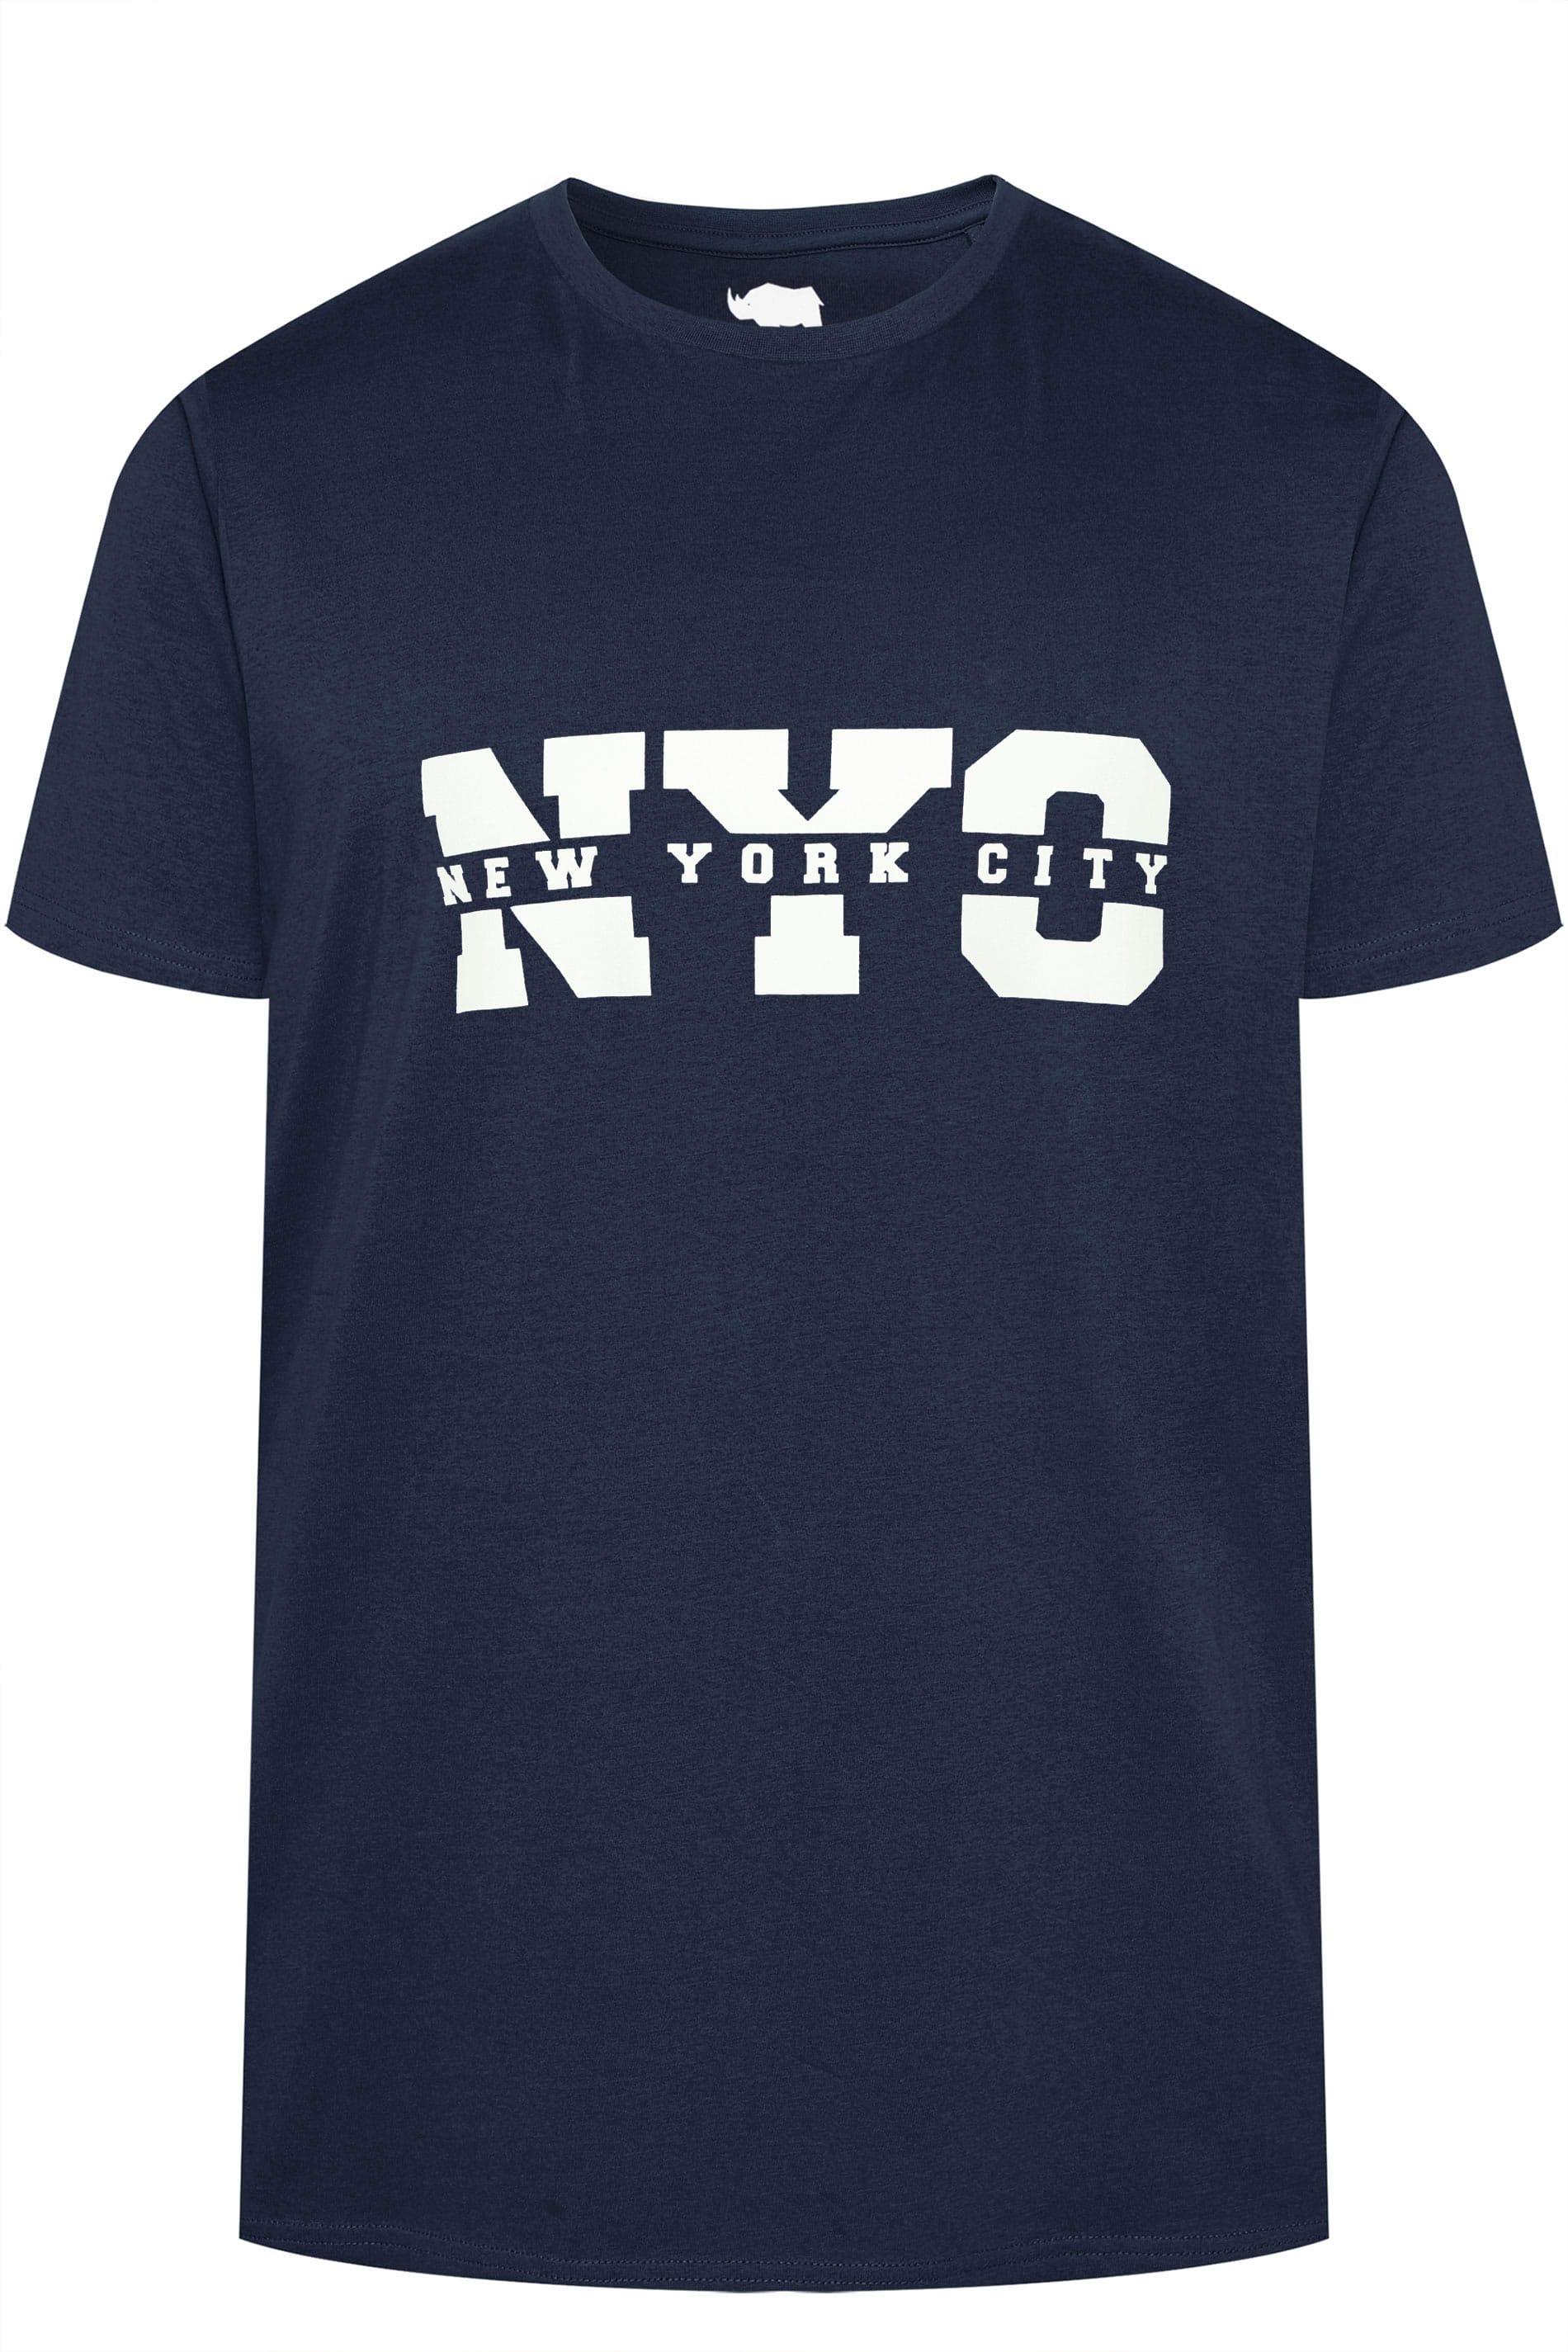 BadRhino Navy NYC Slogan T-Shirt